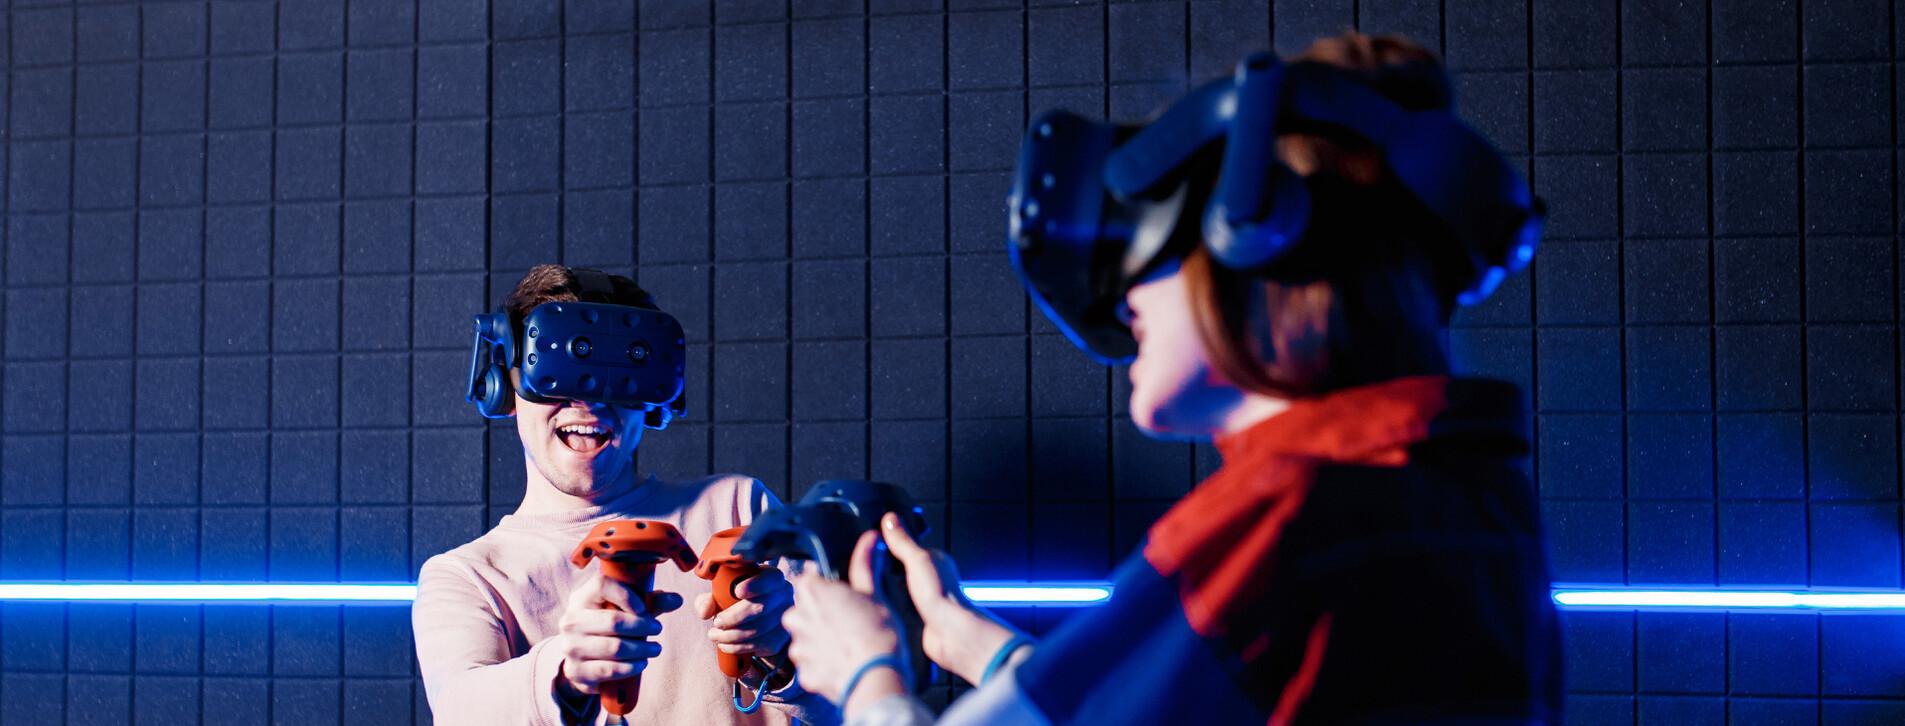 Фото 1 - VR-квест для двоих